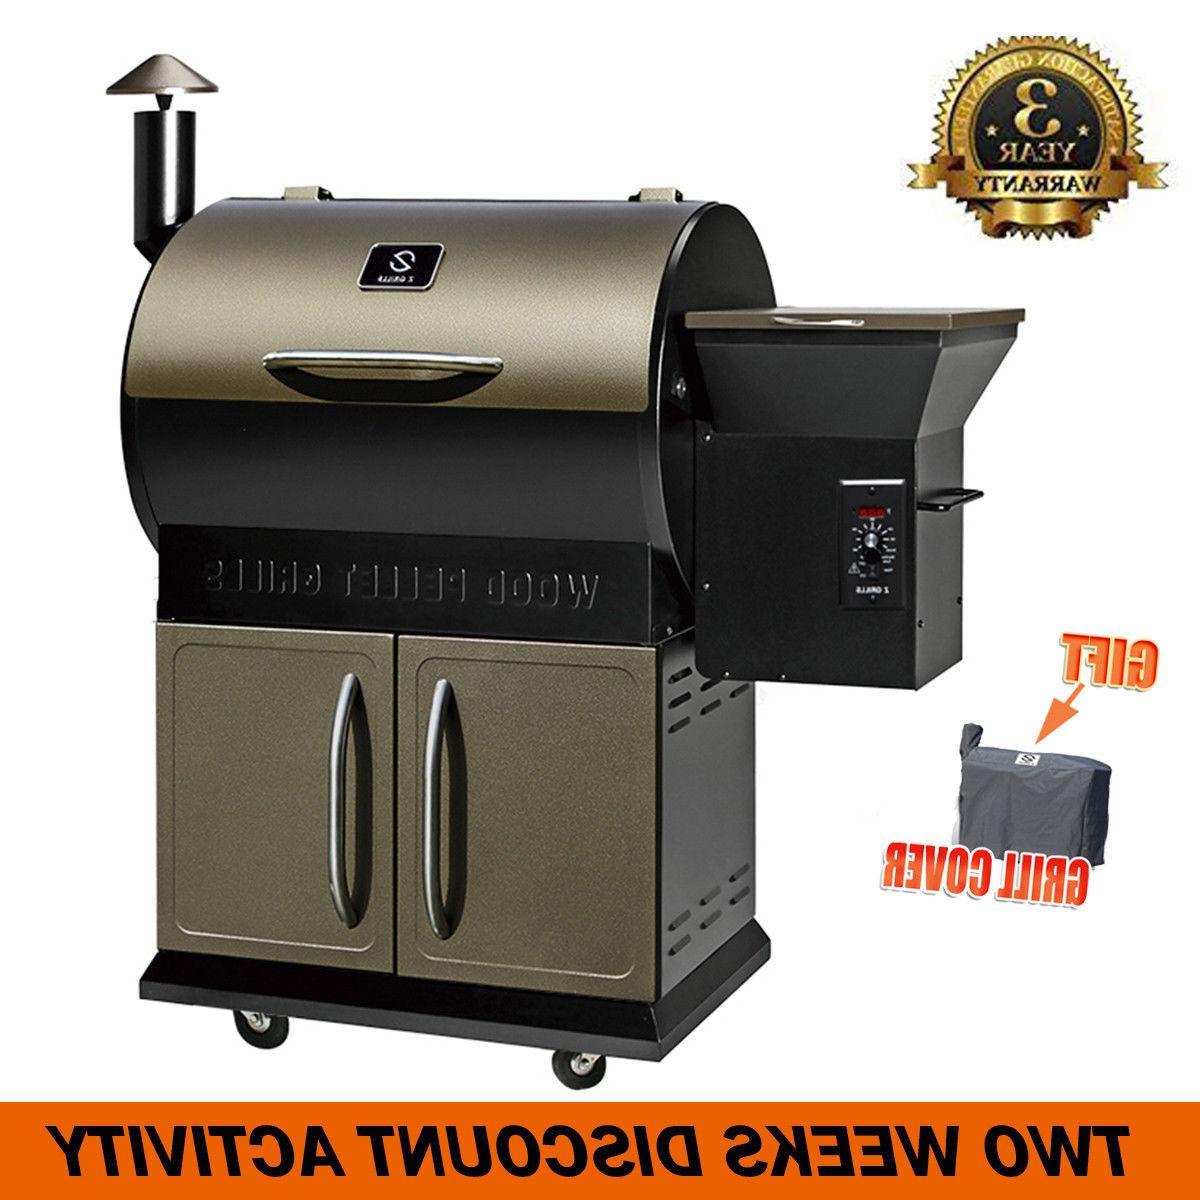 700sq in wood pellet smoker bbq grill